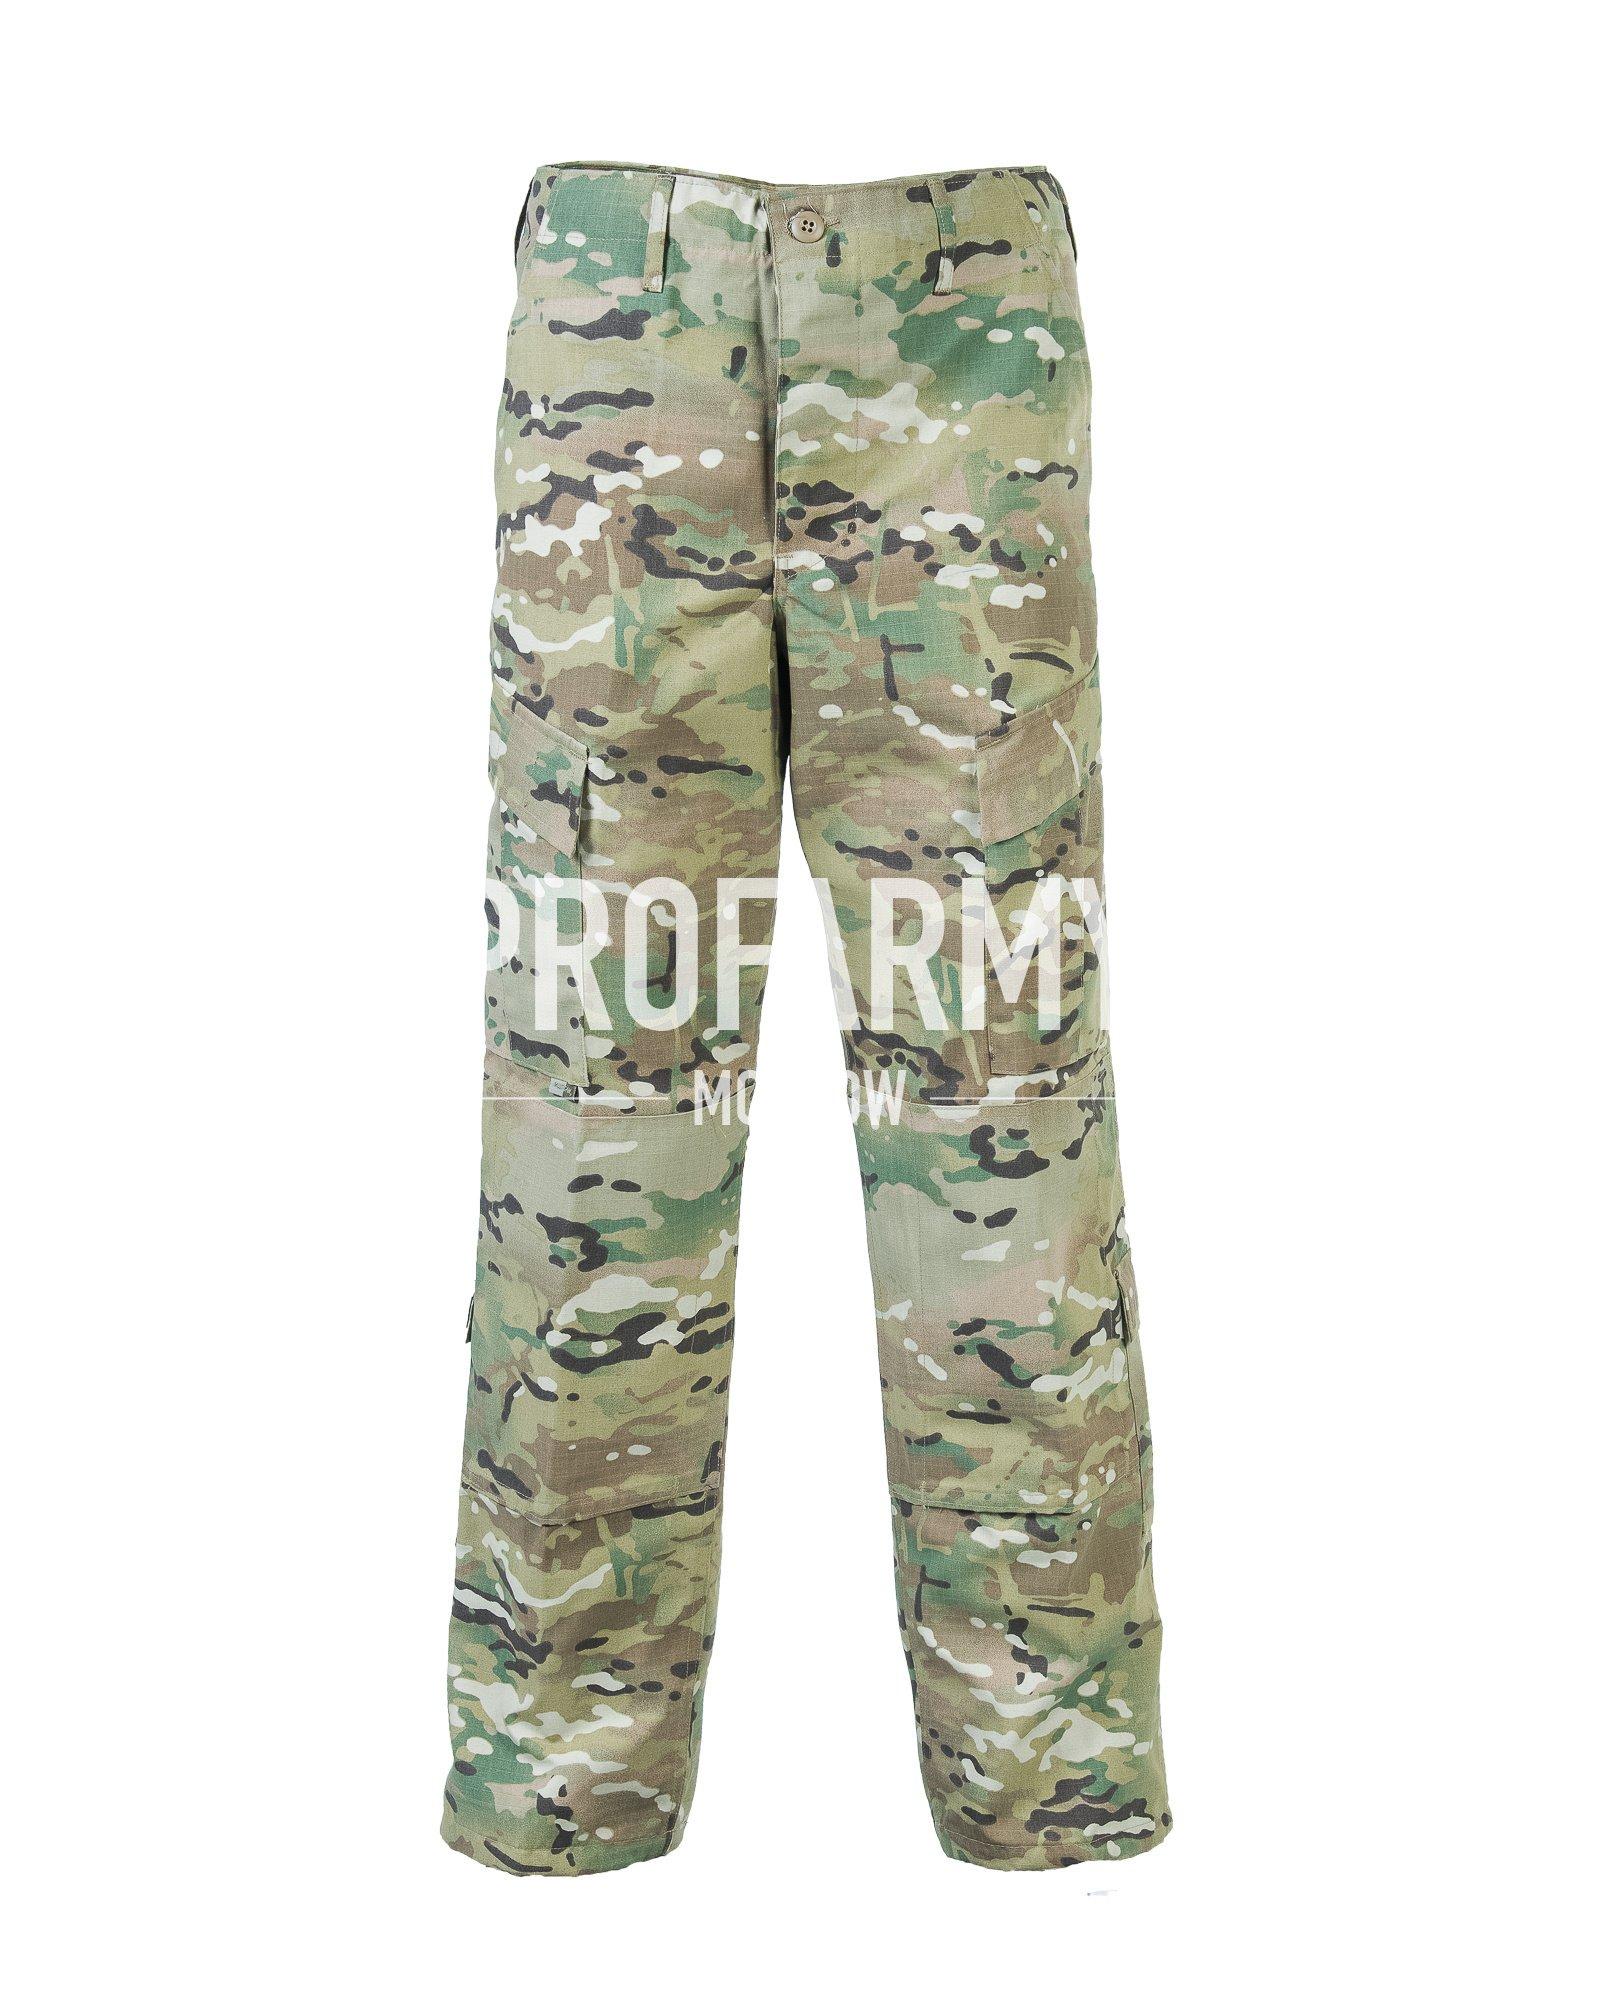 Брюки COMBAT (мультикам), Тактические брюки - арт. 897910344